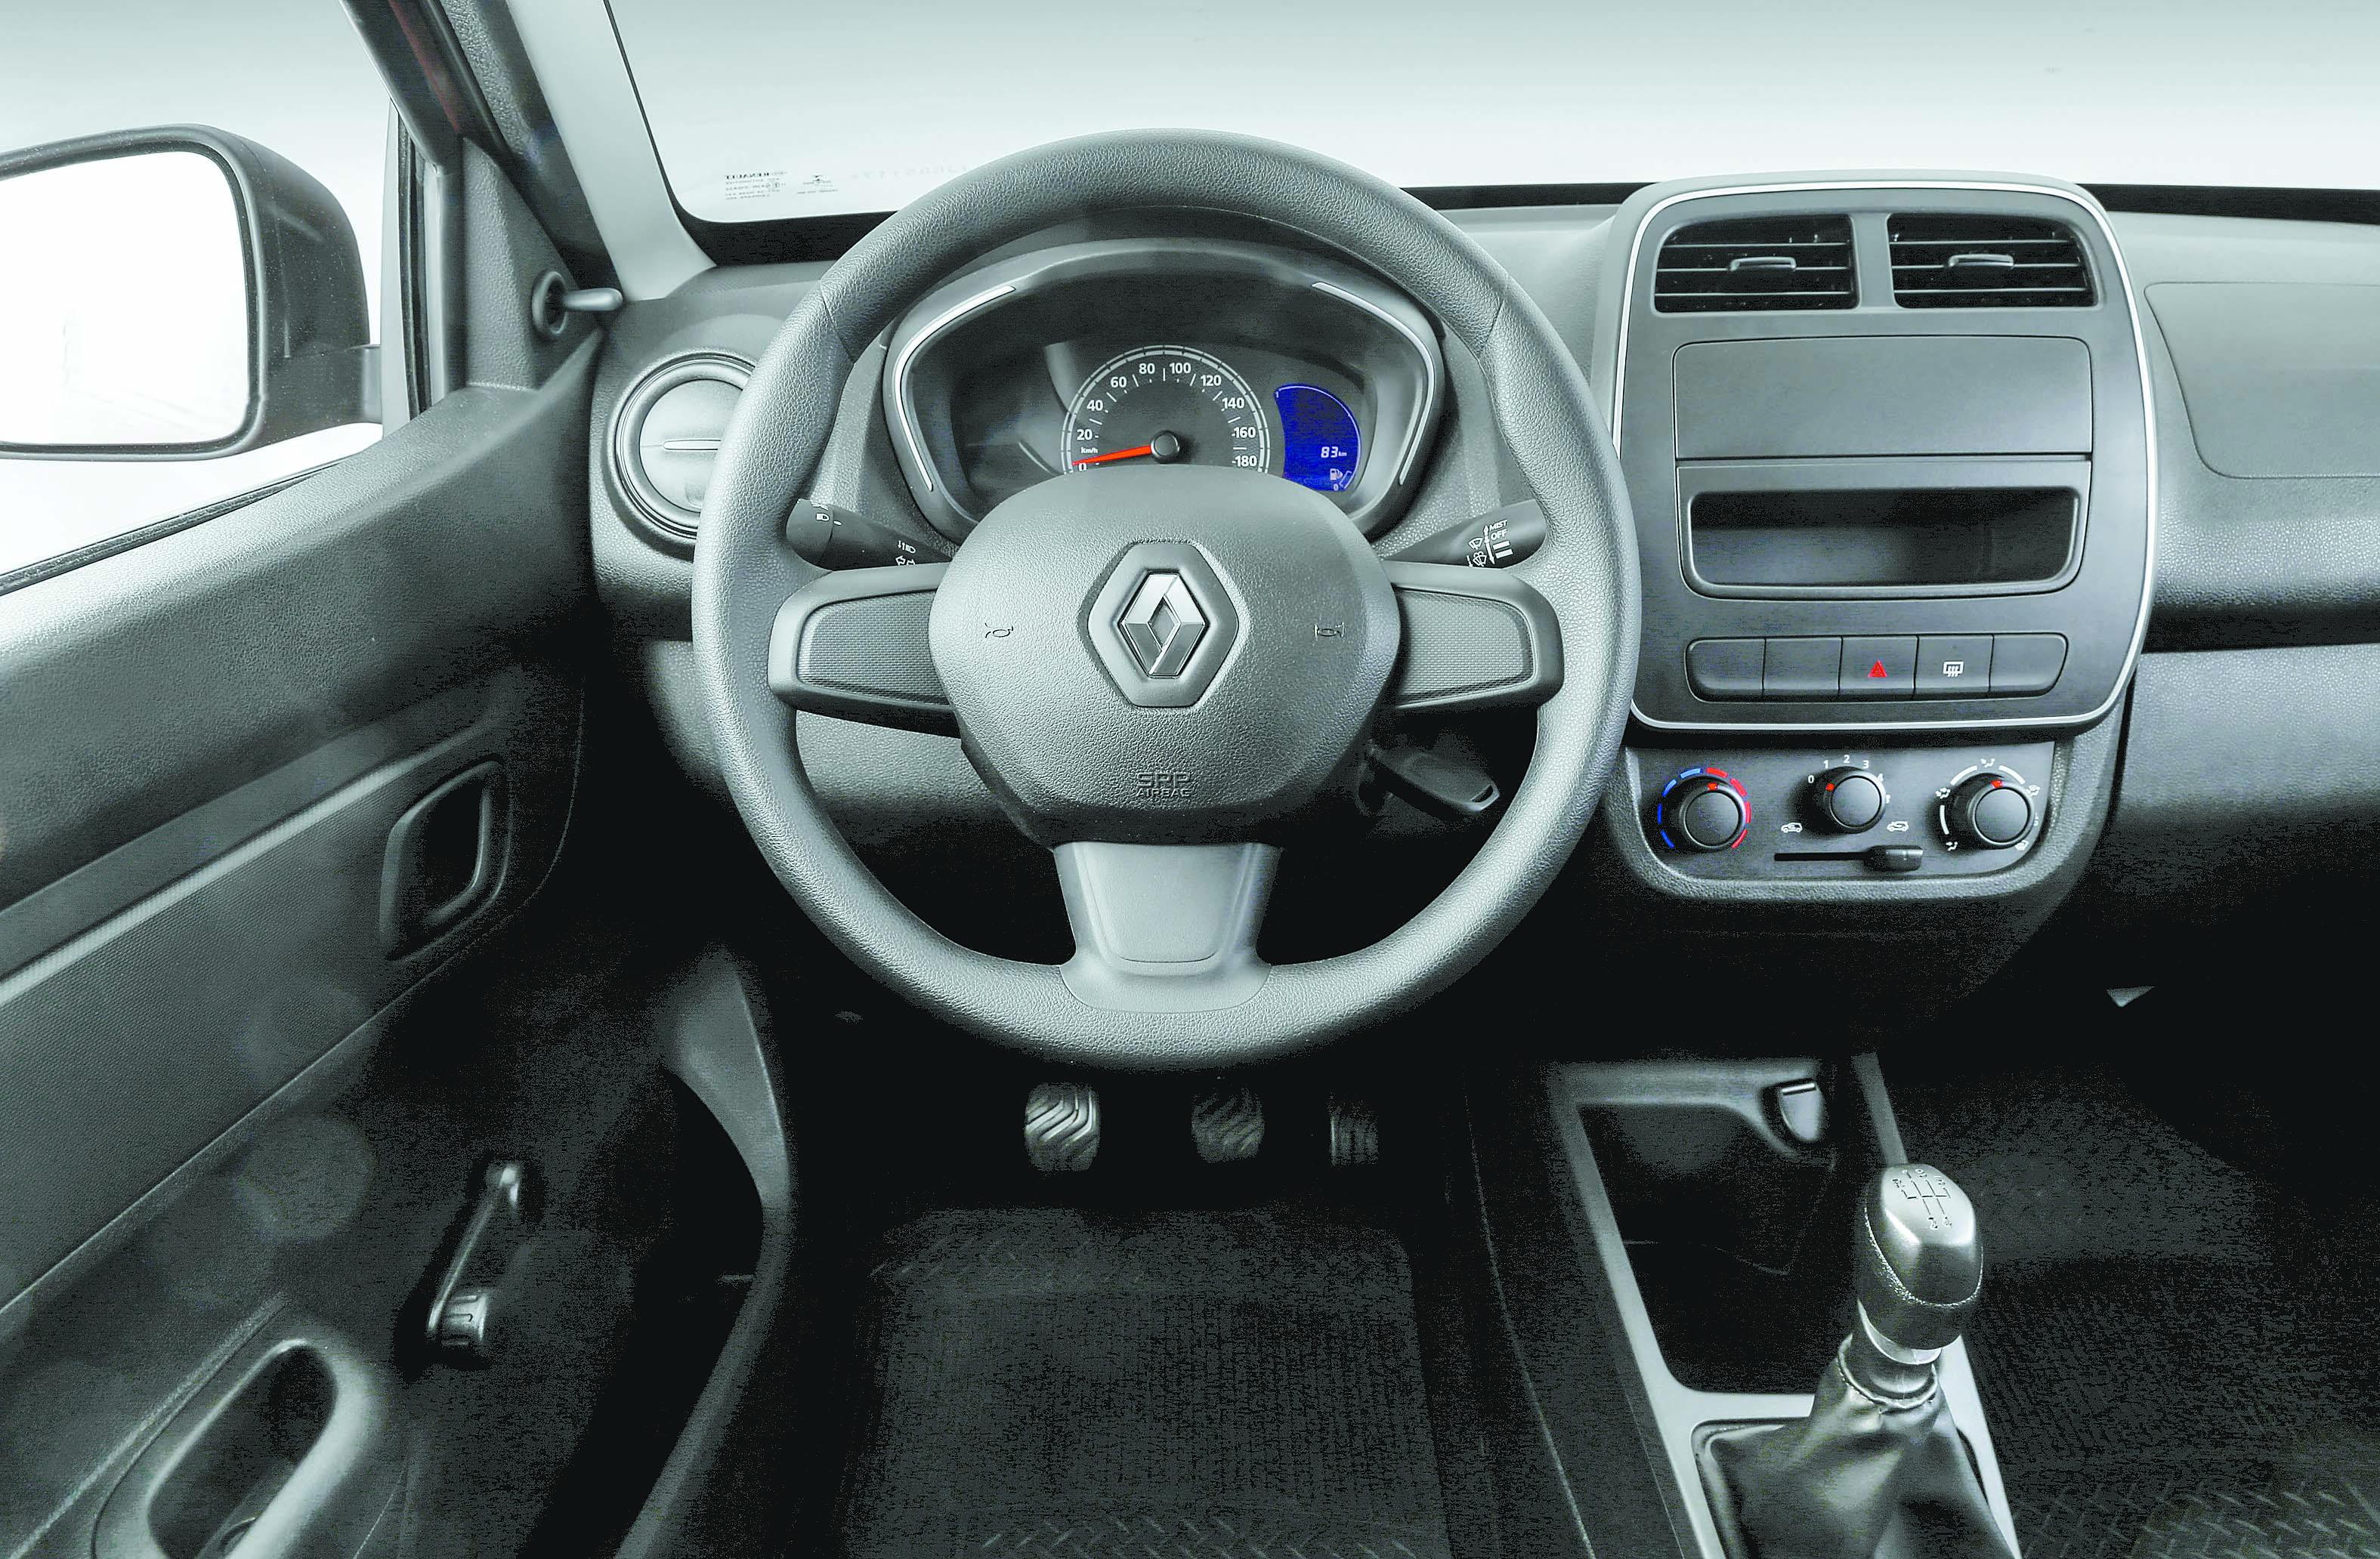 Versão Life, a mais simples, é equipada com quatro airbags   Divulgação